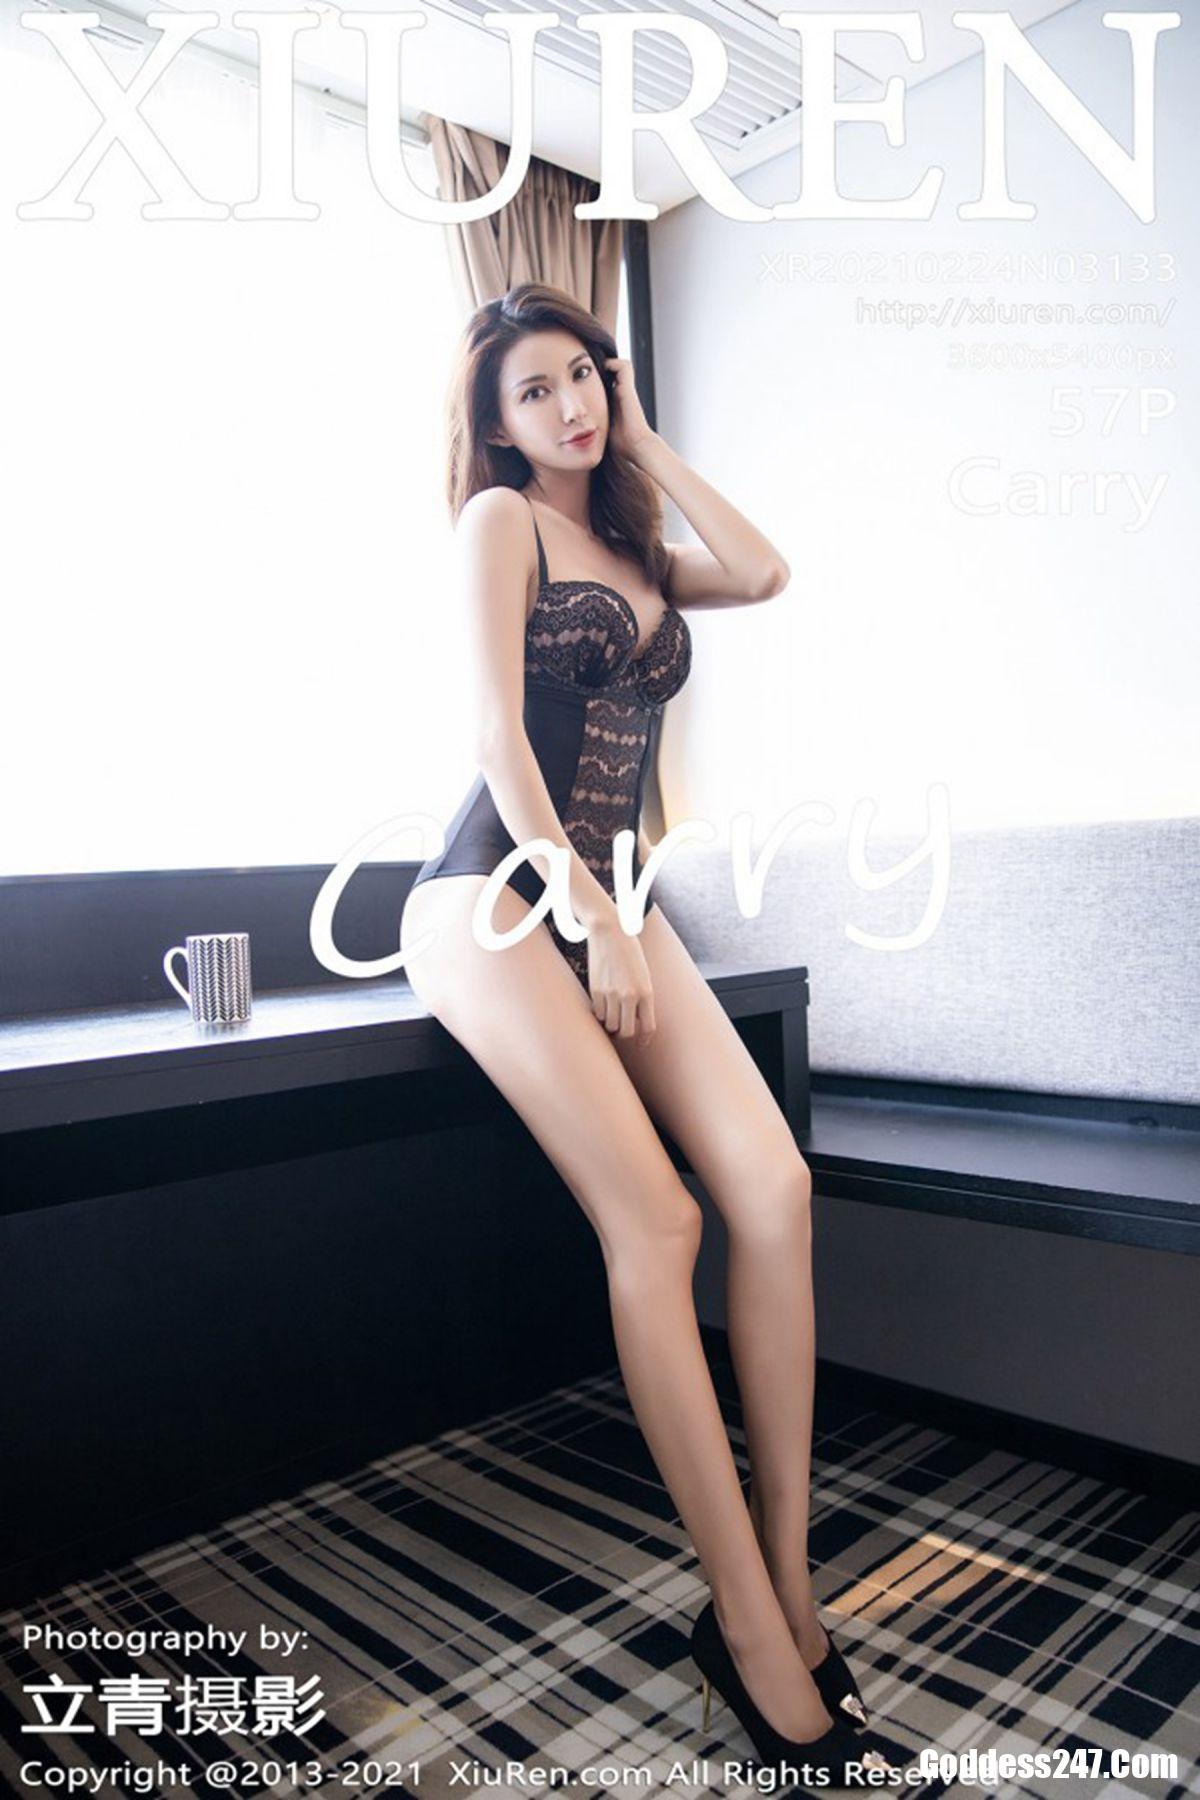 XiuRen秀人网 No.3133 Carry